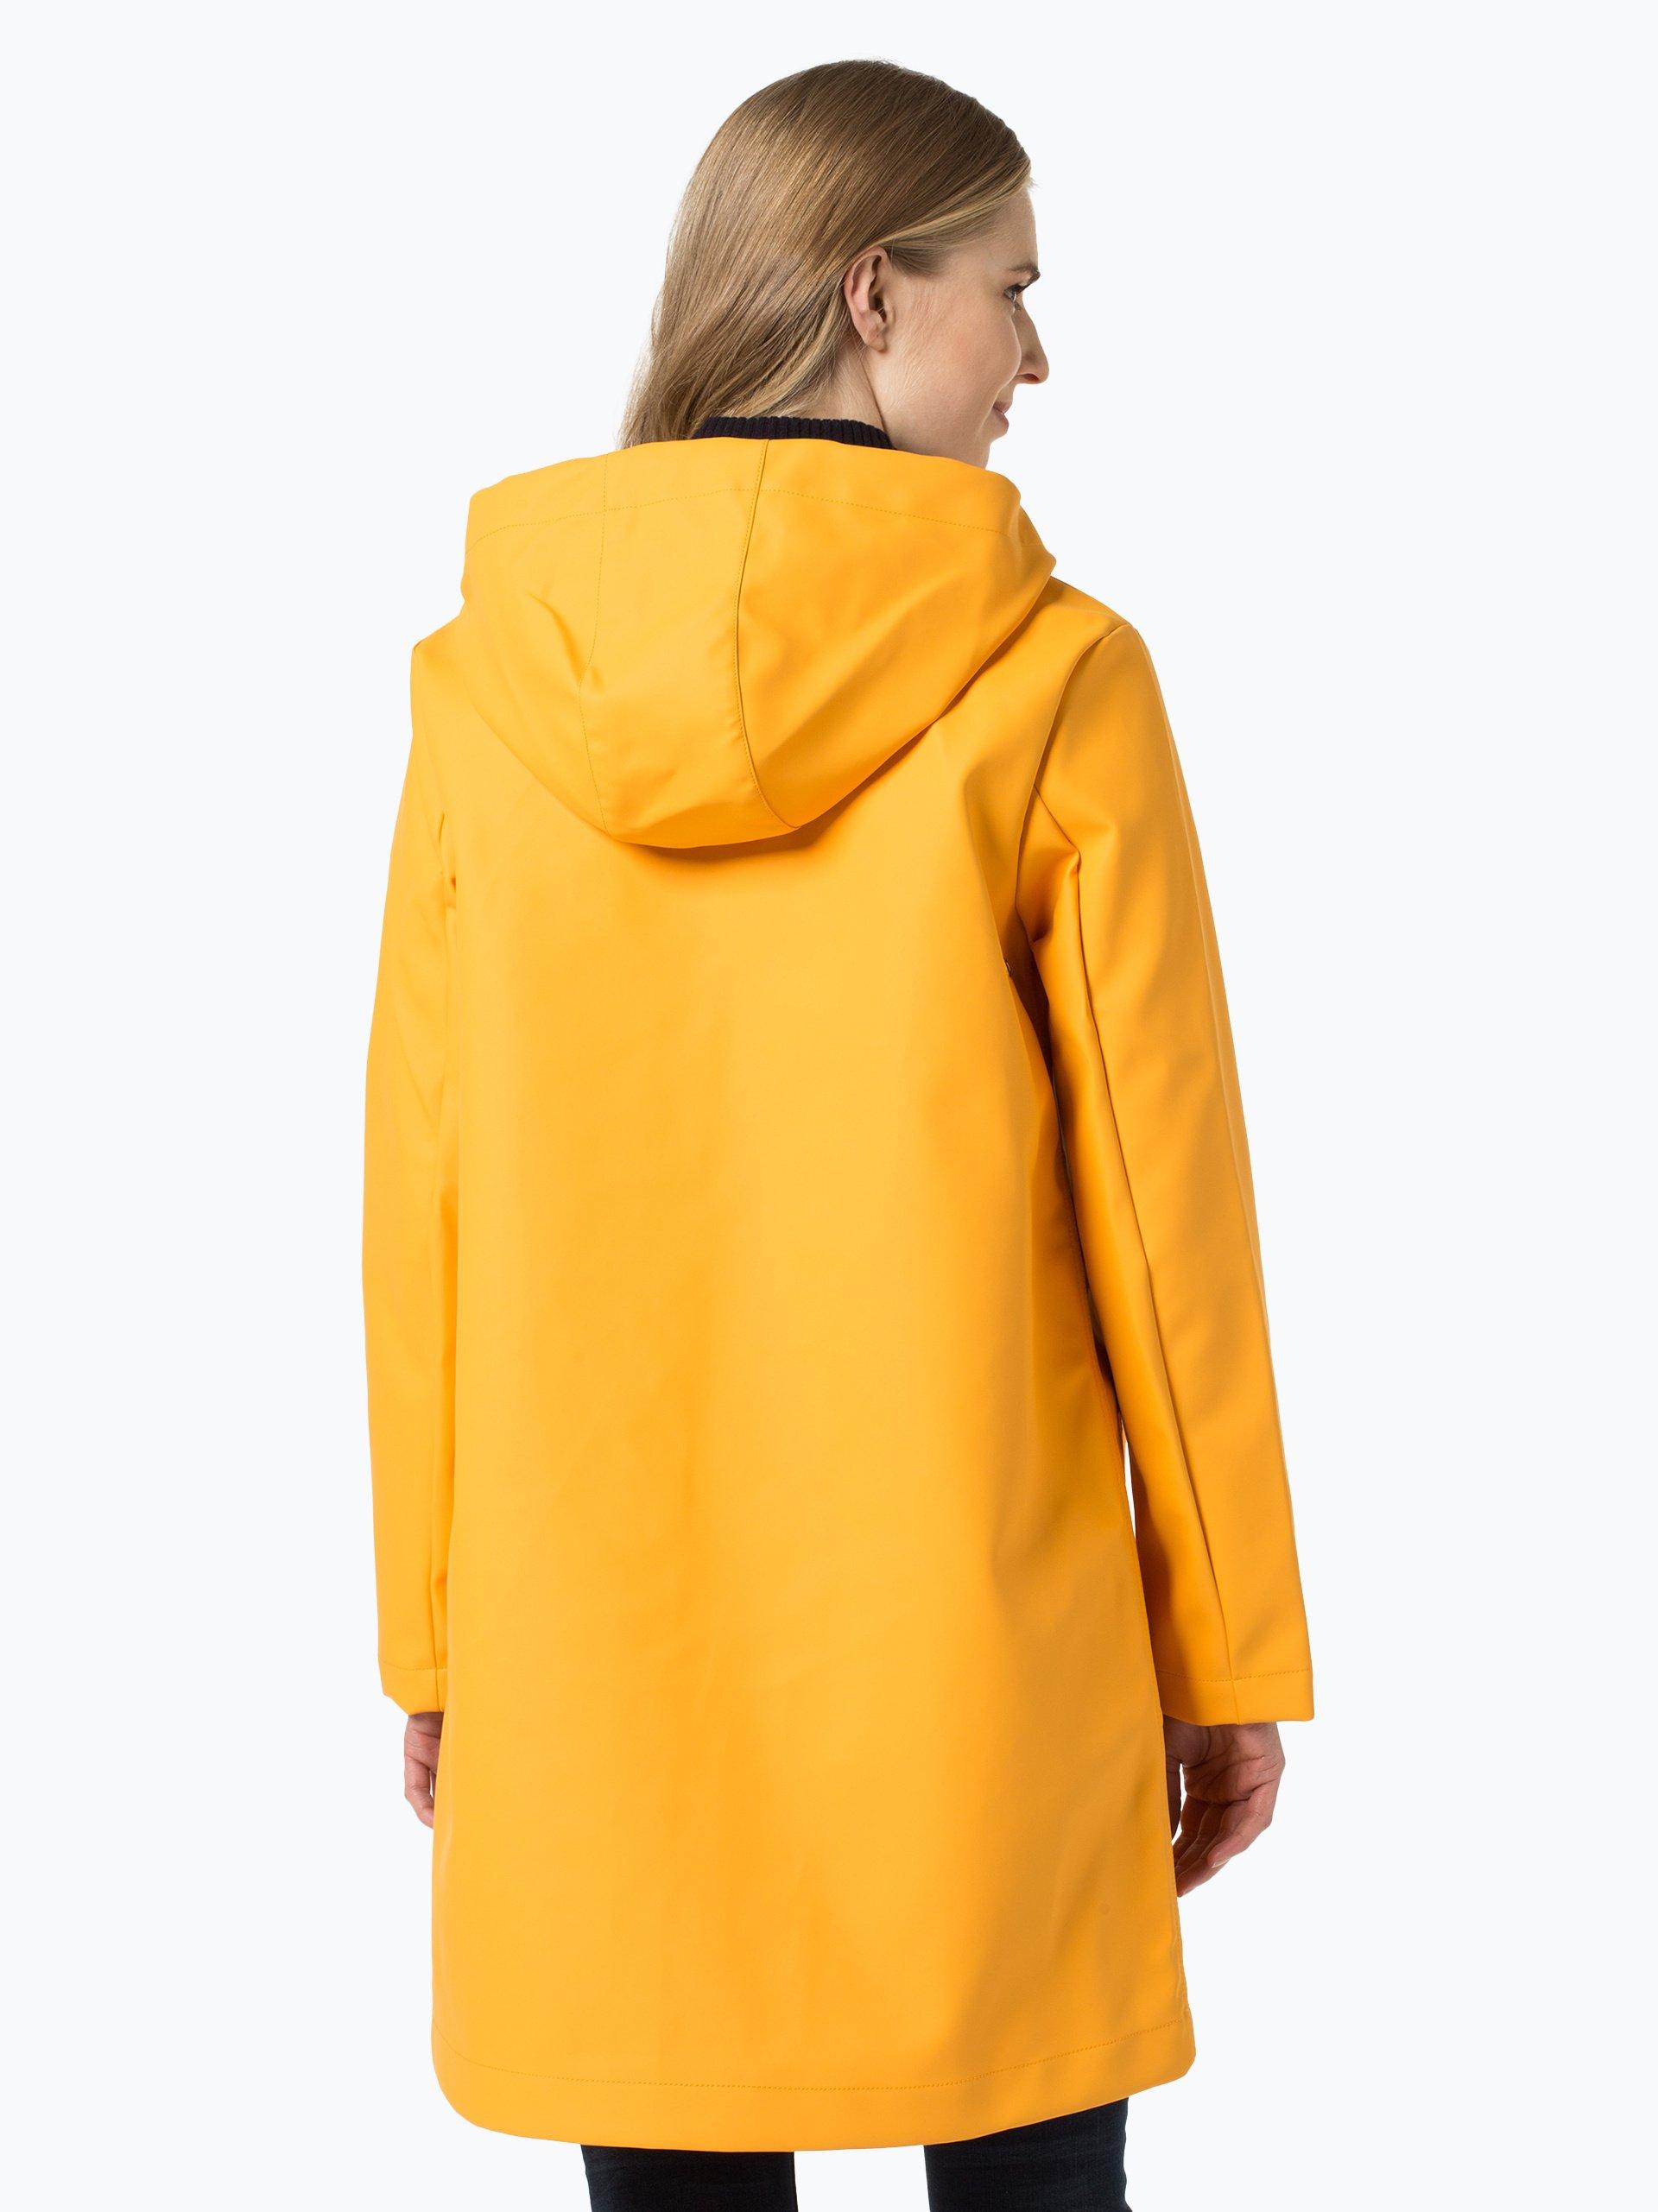 tommy hilfiger damen mantel gelb uni online kaufen. Black Bedroom Furniture Sets. Home Design Ideas